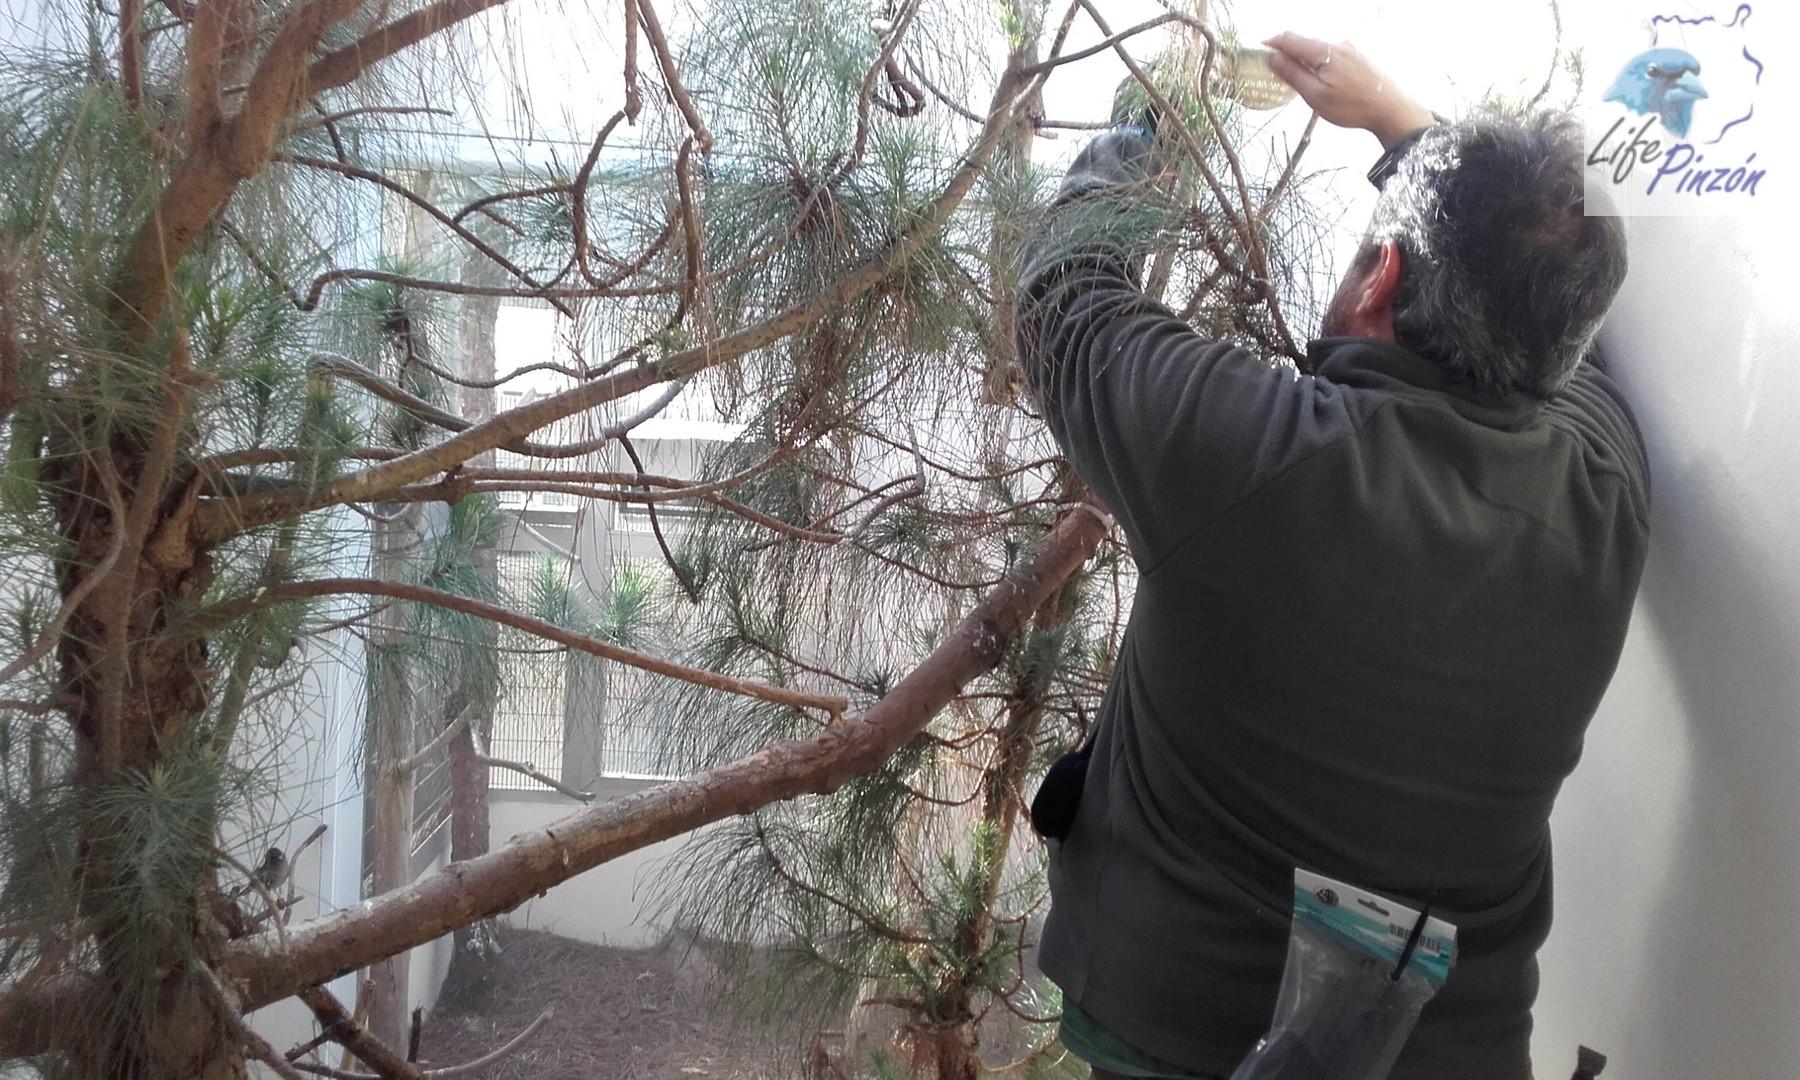 4.-Colocando-los-nidos-centro-de-cria-lifepinzon